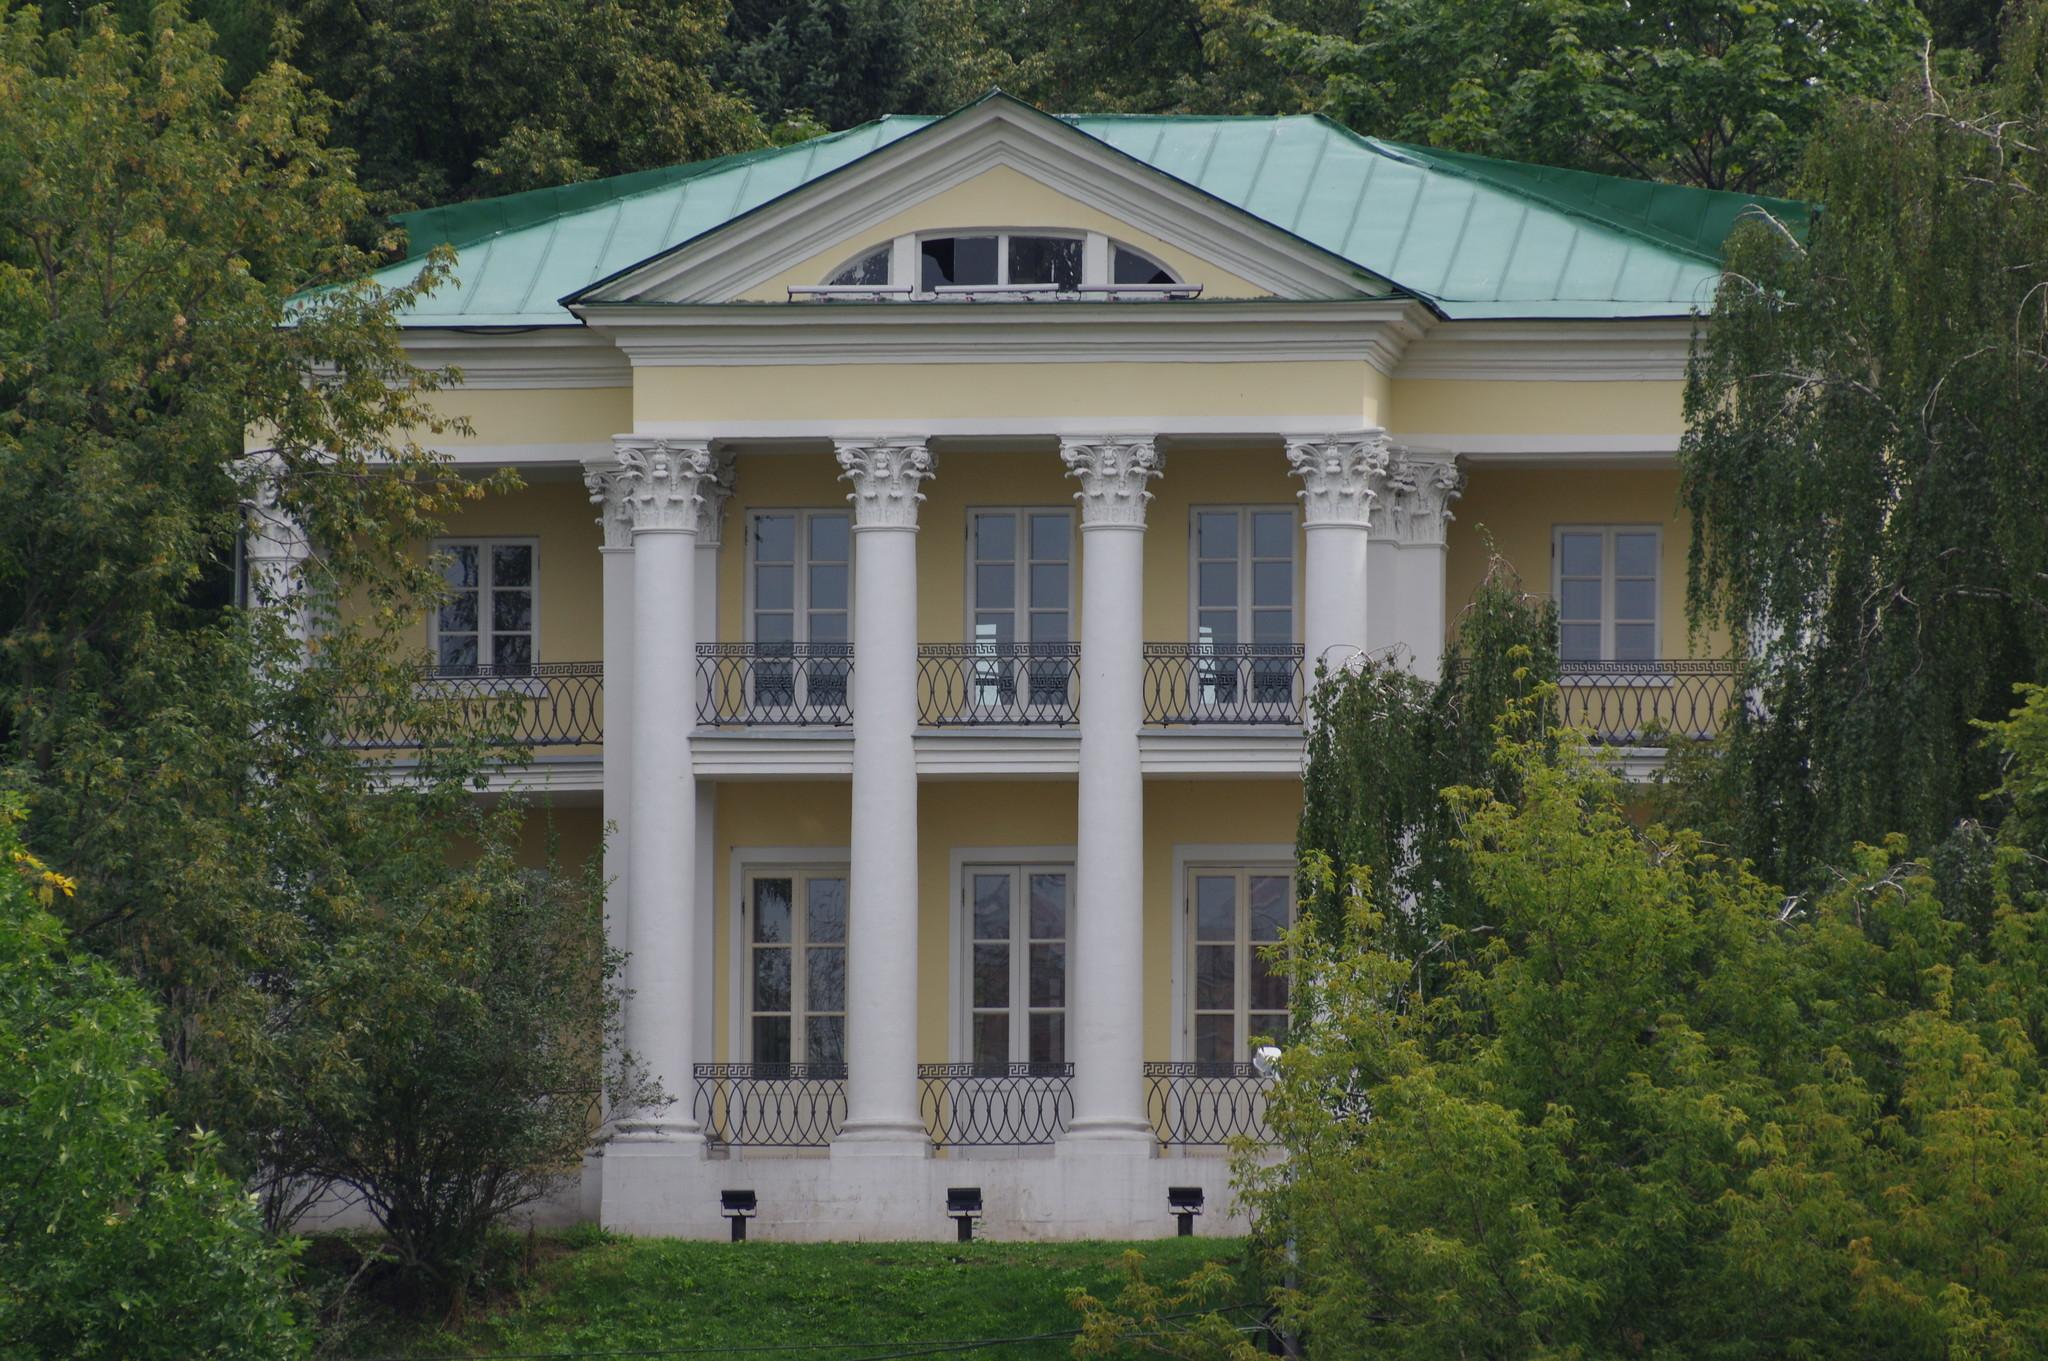 Летний домик графа Орлова-Чесменского в Нескучном саду (улица Крымский Вал, дом 9, строение 8)